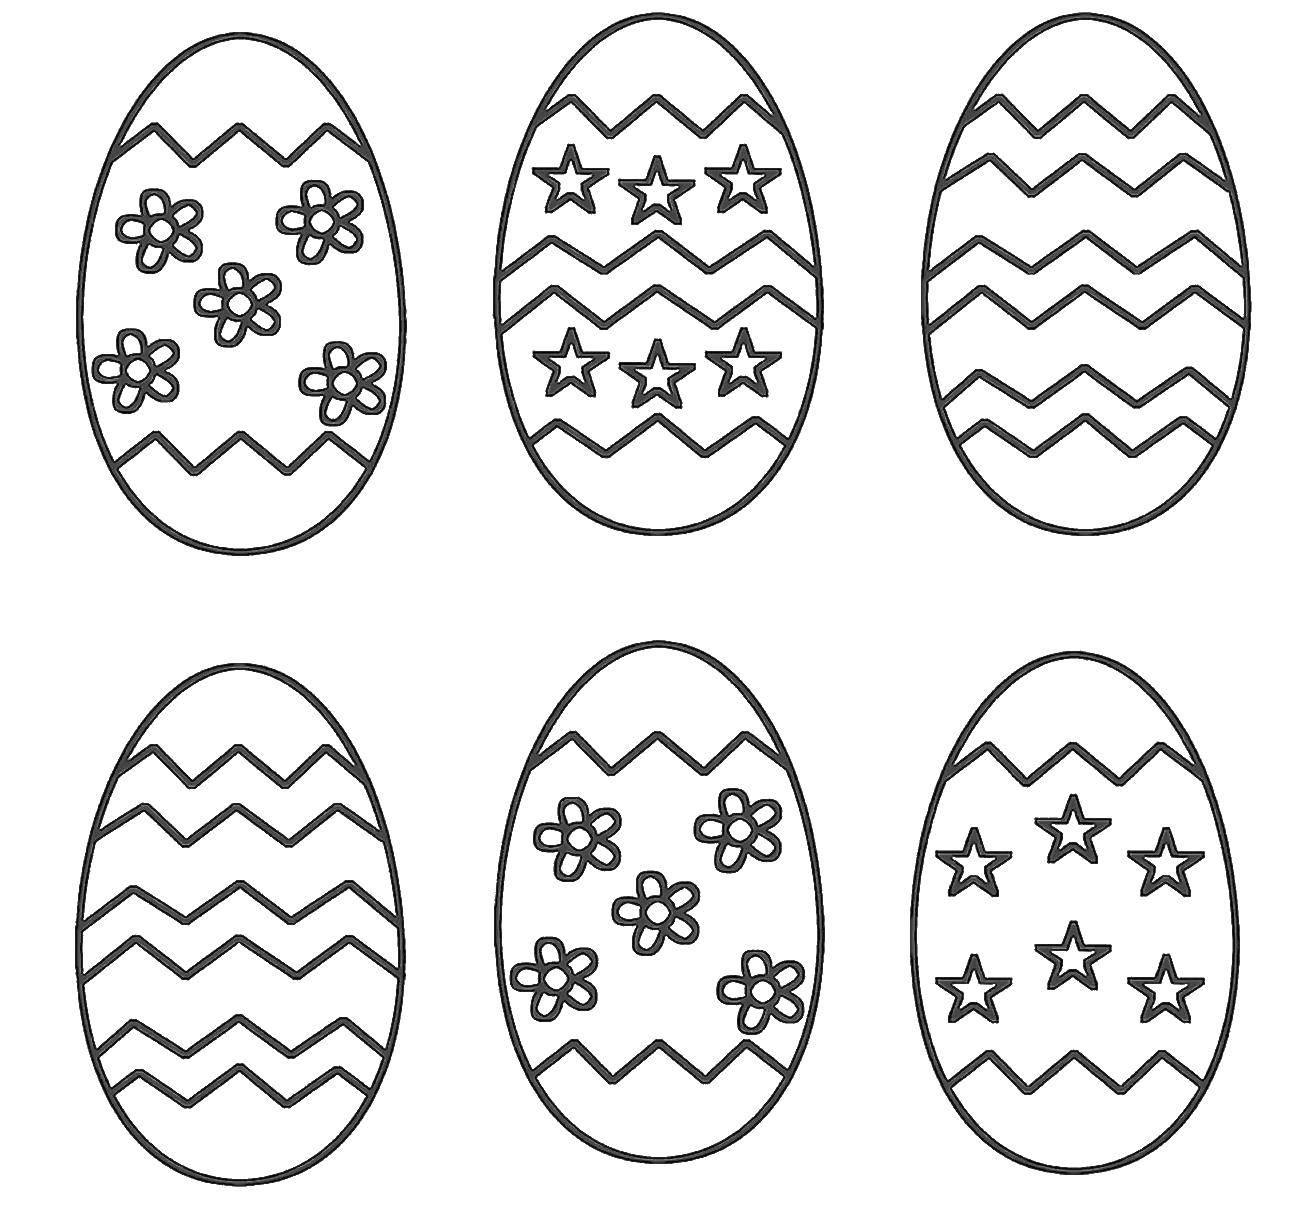 Раскраска Красивые узоры на яичках Скачать Пасха, яйца, узоры.  Распечатать ,Узоры для раскрашивания яиц,